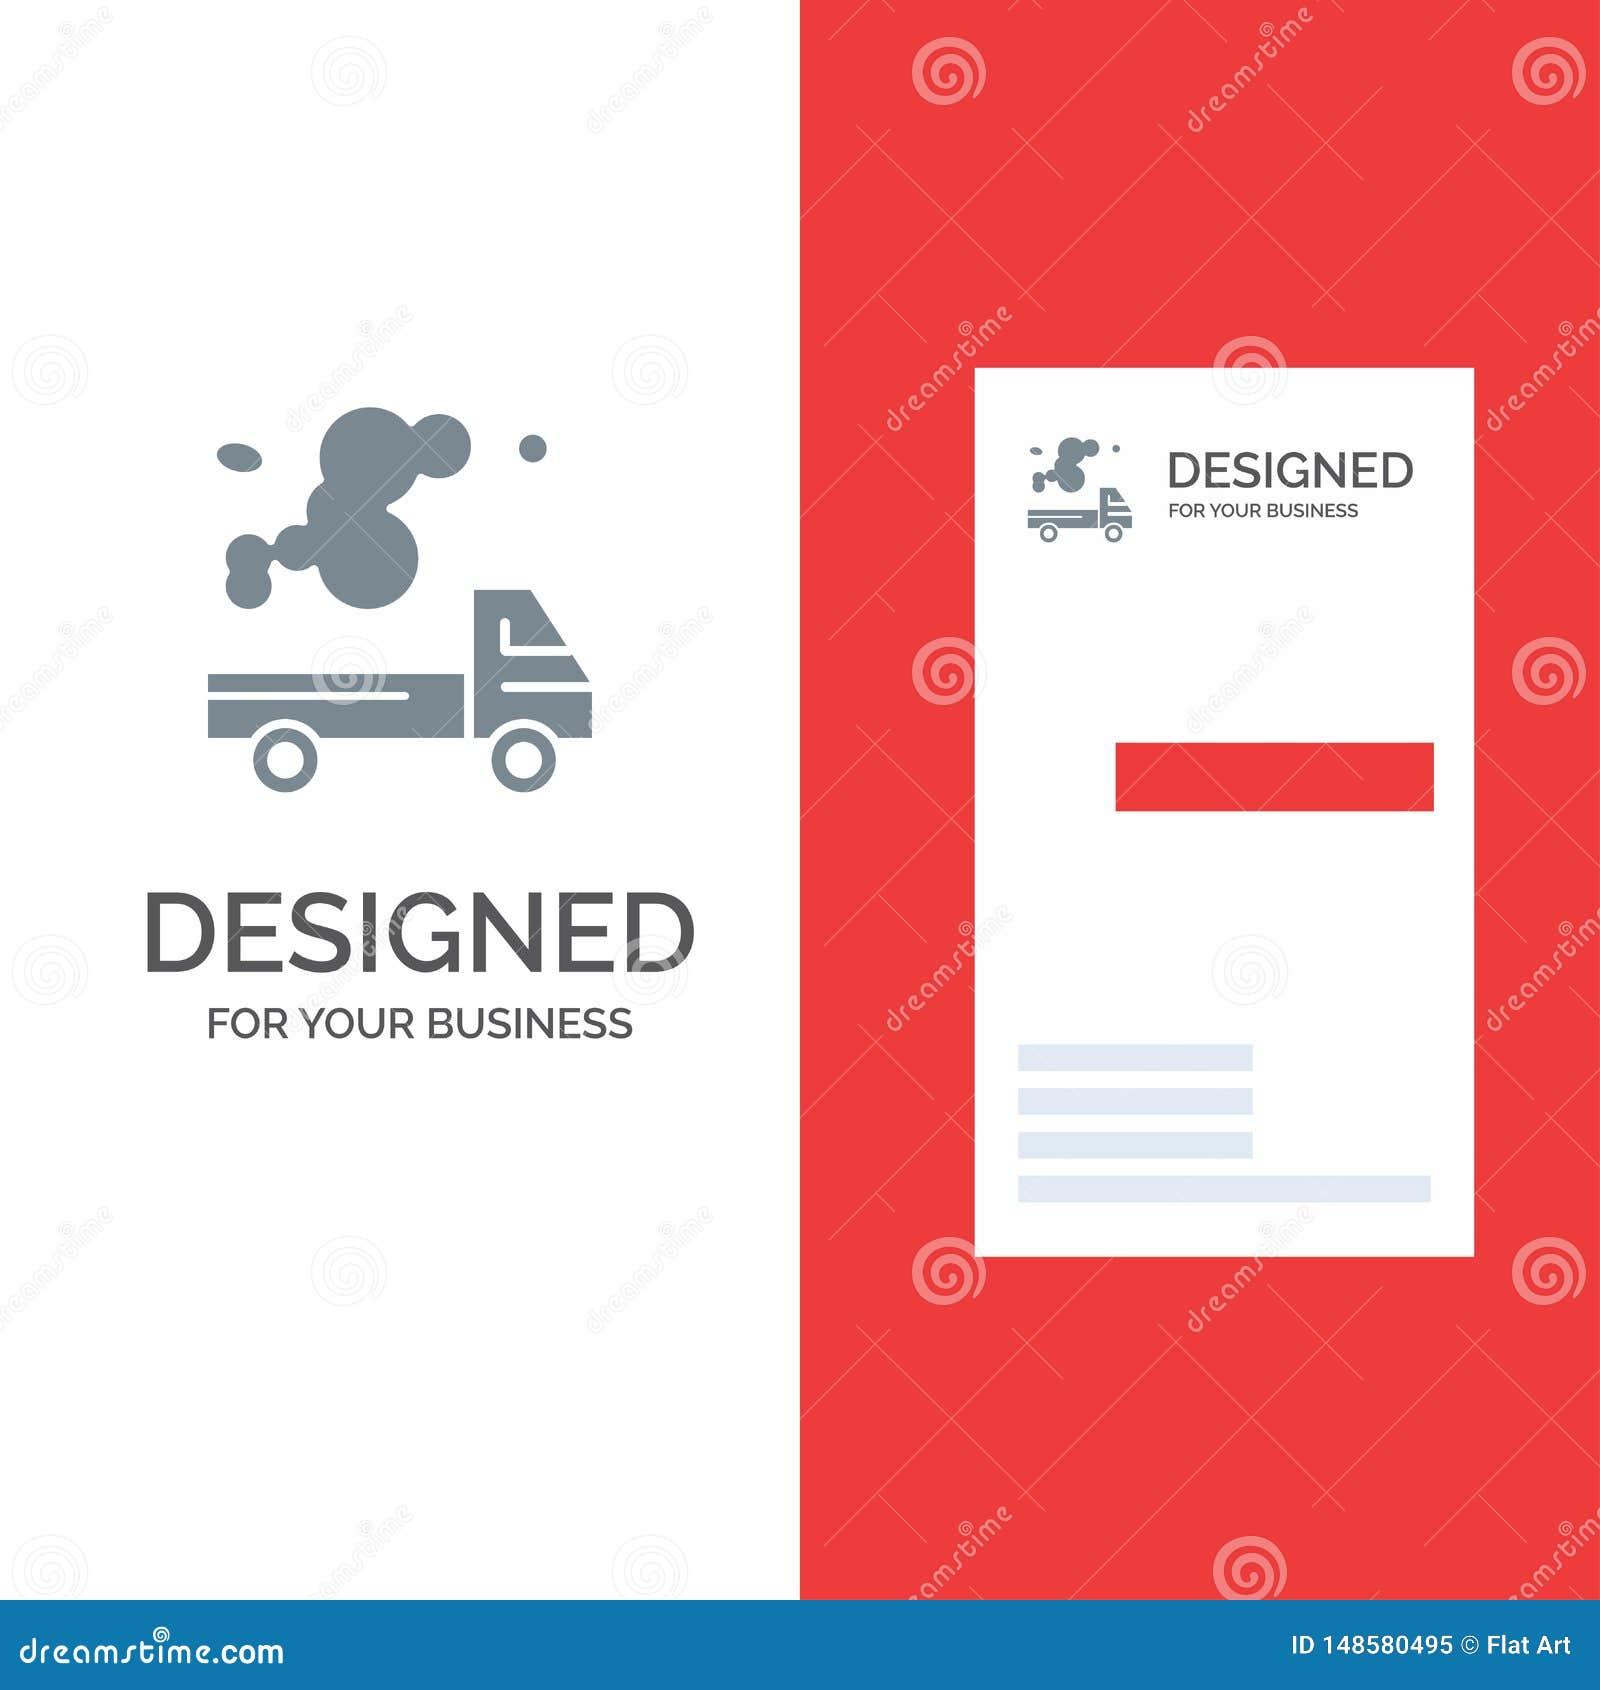 Αυτοκίνητο, φορτηγό, εκπομπή, αέριο, γκρίζο σχέδιο λογότυπων ρύπανσης και πρότυπο επαγγελματικών καρτών